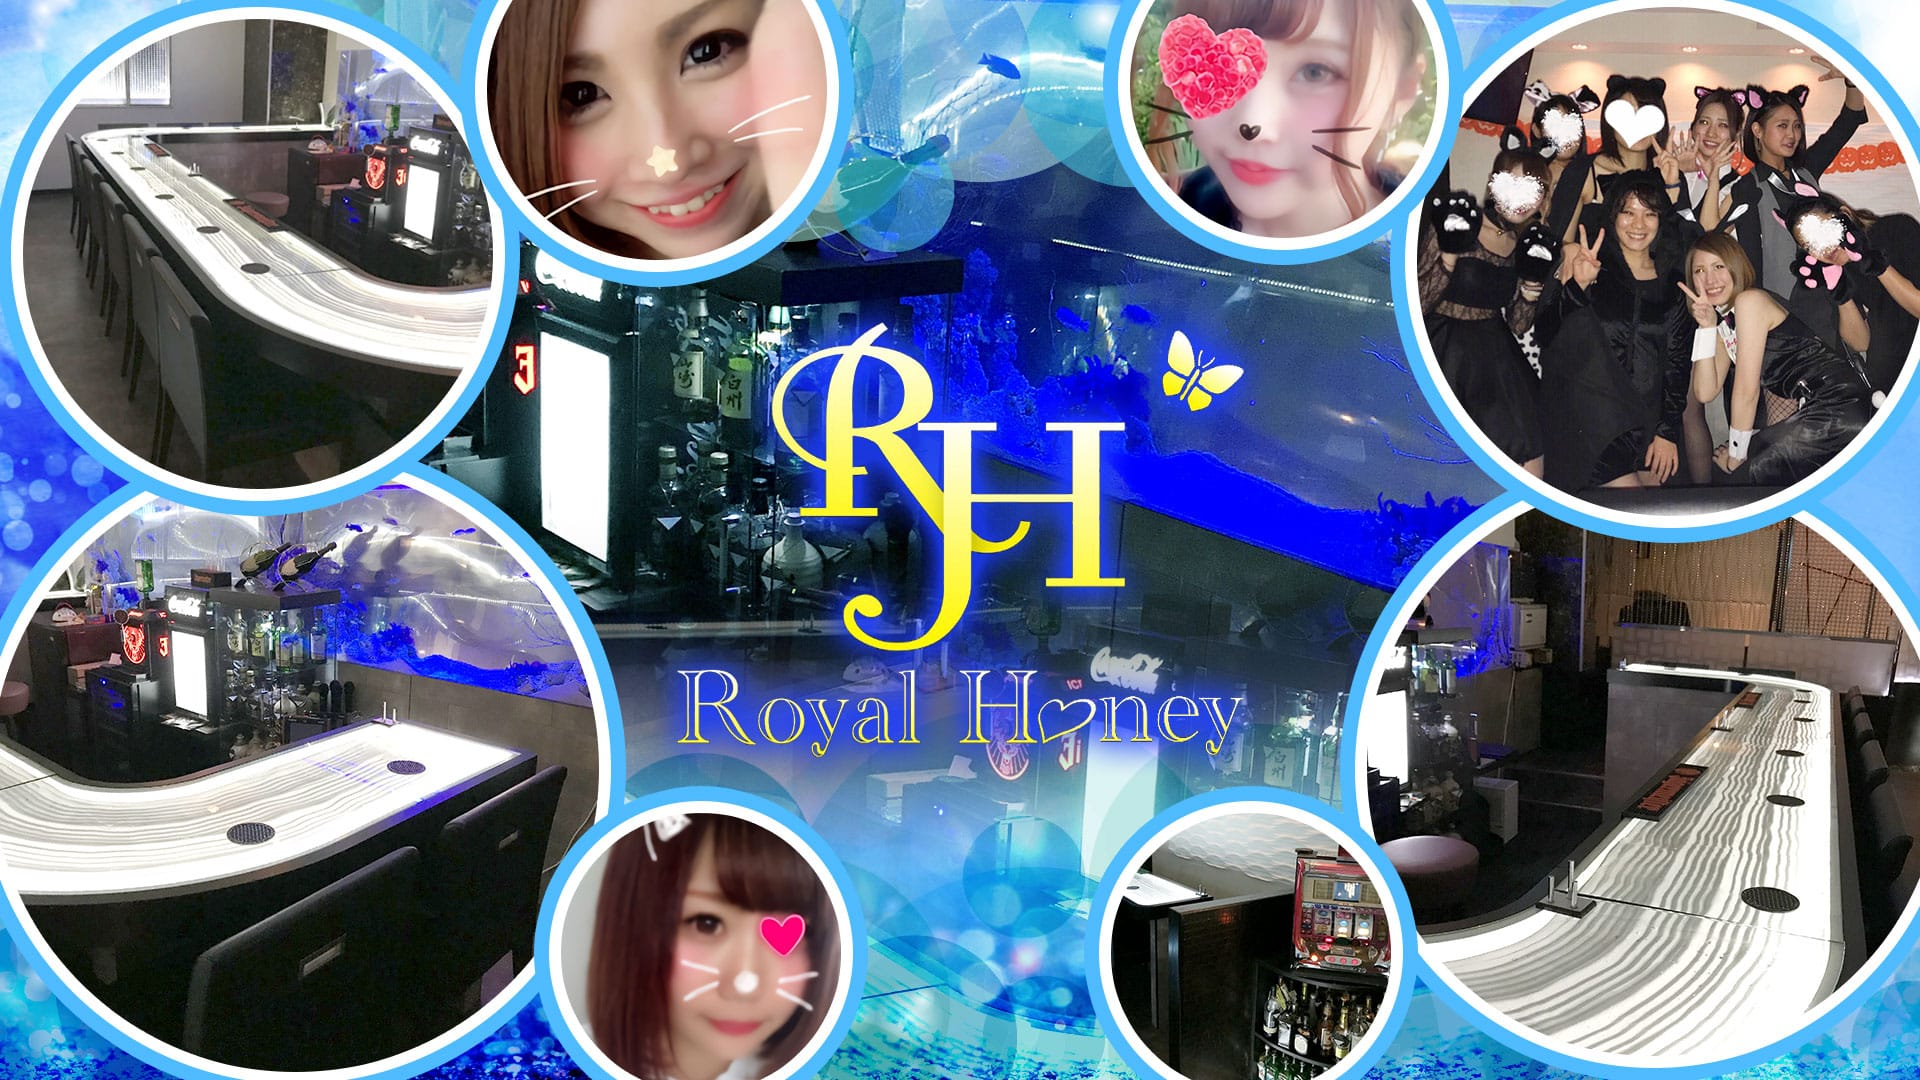 ROYAL HONEY(ロイヤルハニー) TOP画像